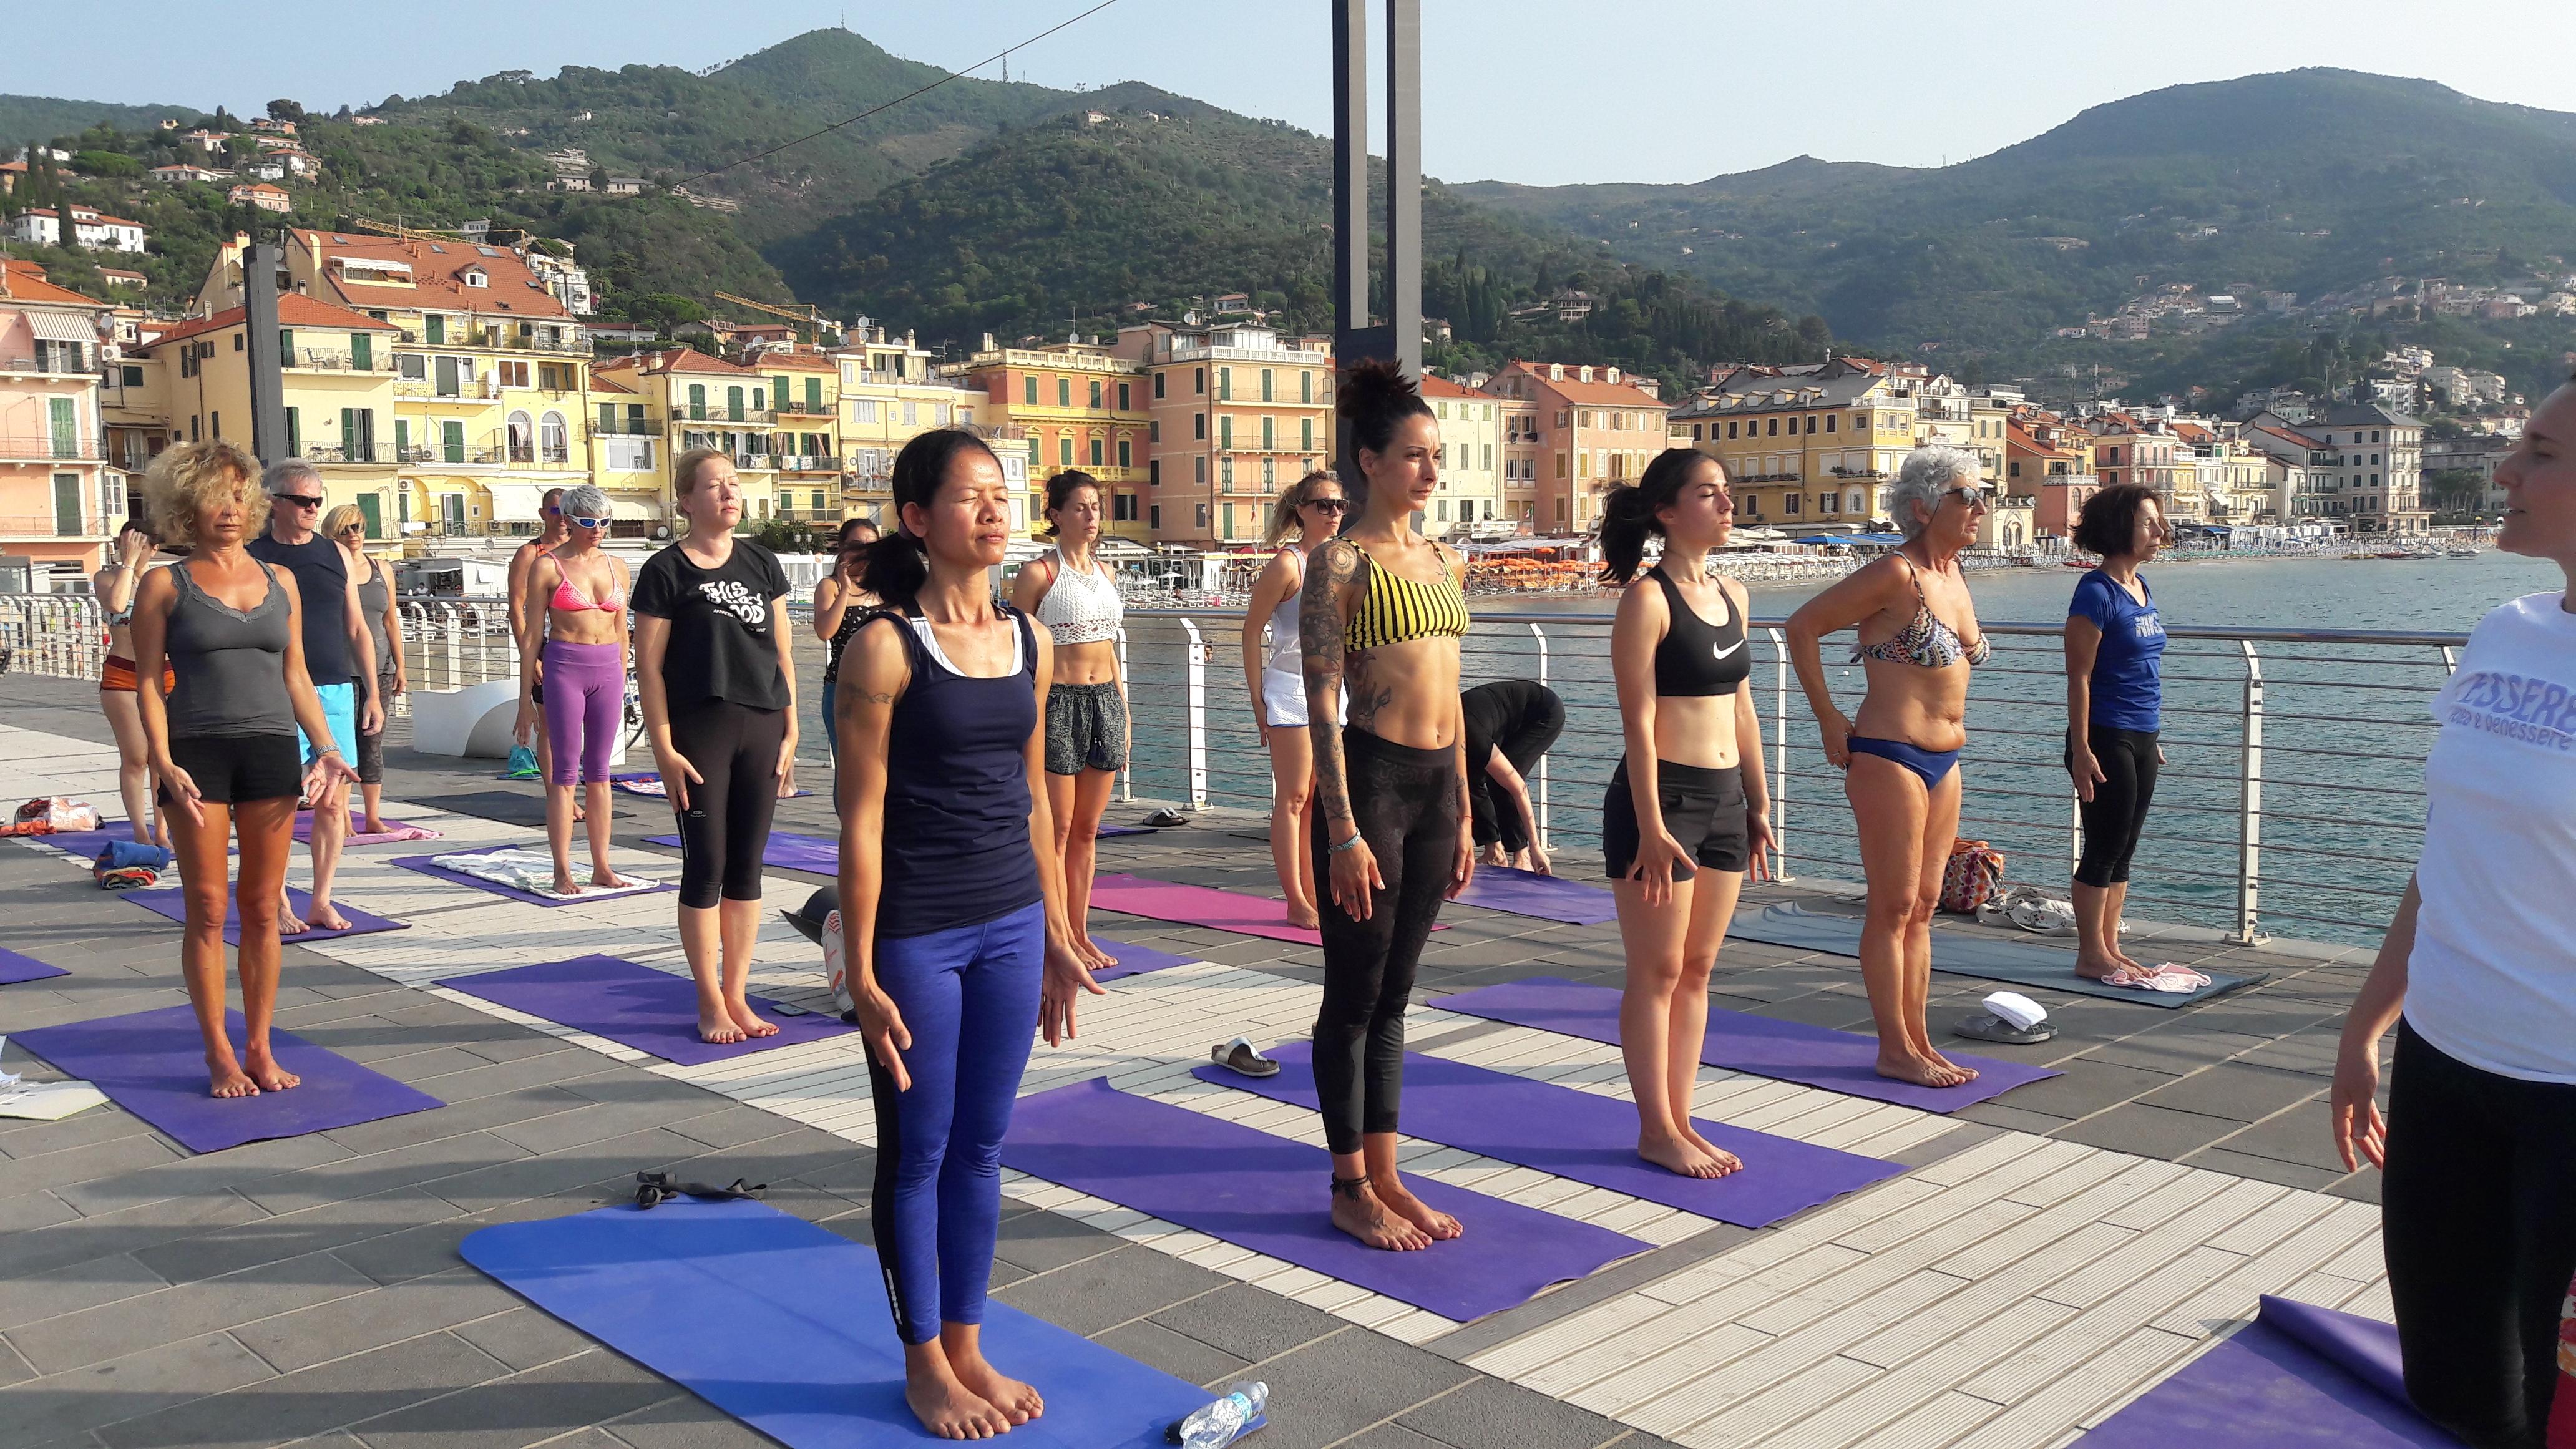 1_essere-free-yoga-gratuito-benessere-per-tutti-village-citta-alassio-estate-lucia-ragazzi-summer-town-wellness-018